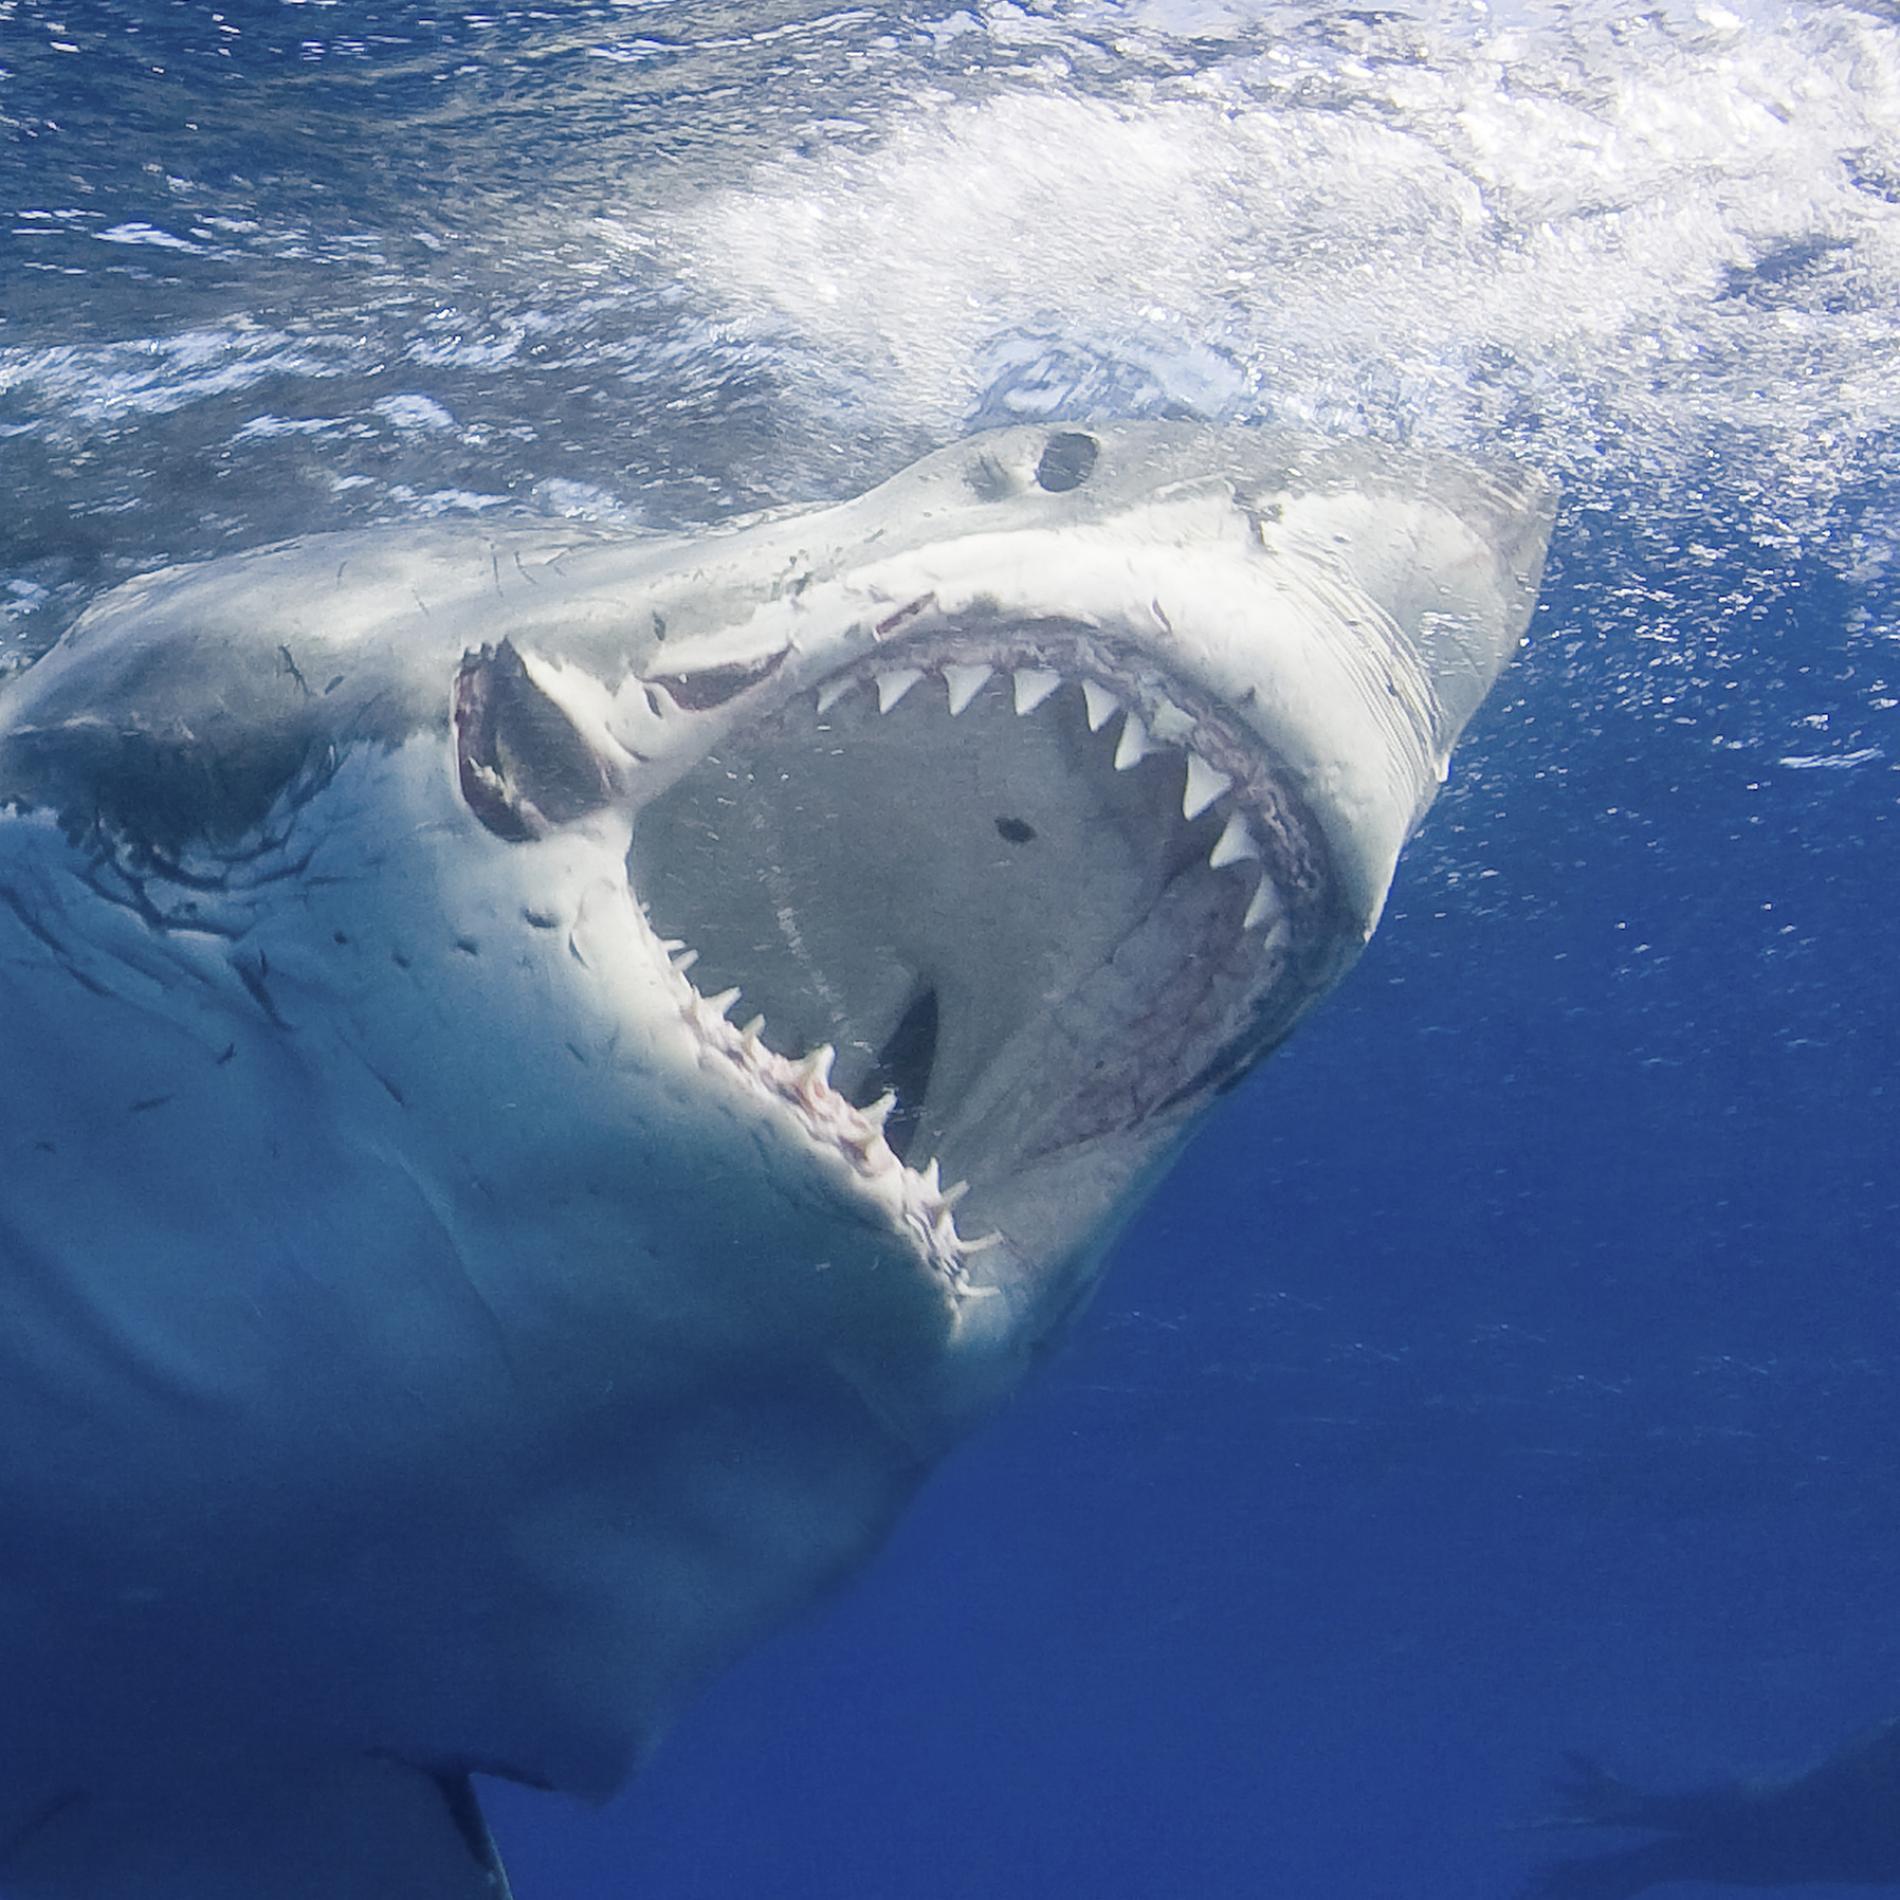 Tưởng đứng đầu chuỗi thức ăn nhưng cá mập trắng phải sợ hãi đến mức bỏ chạy trước loài vật này - Ảnh 1.